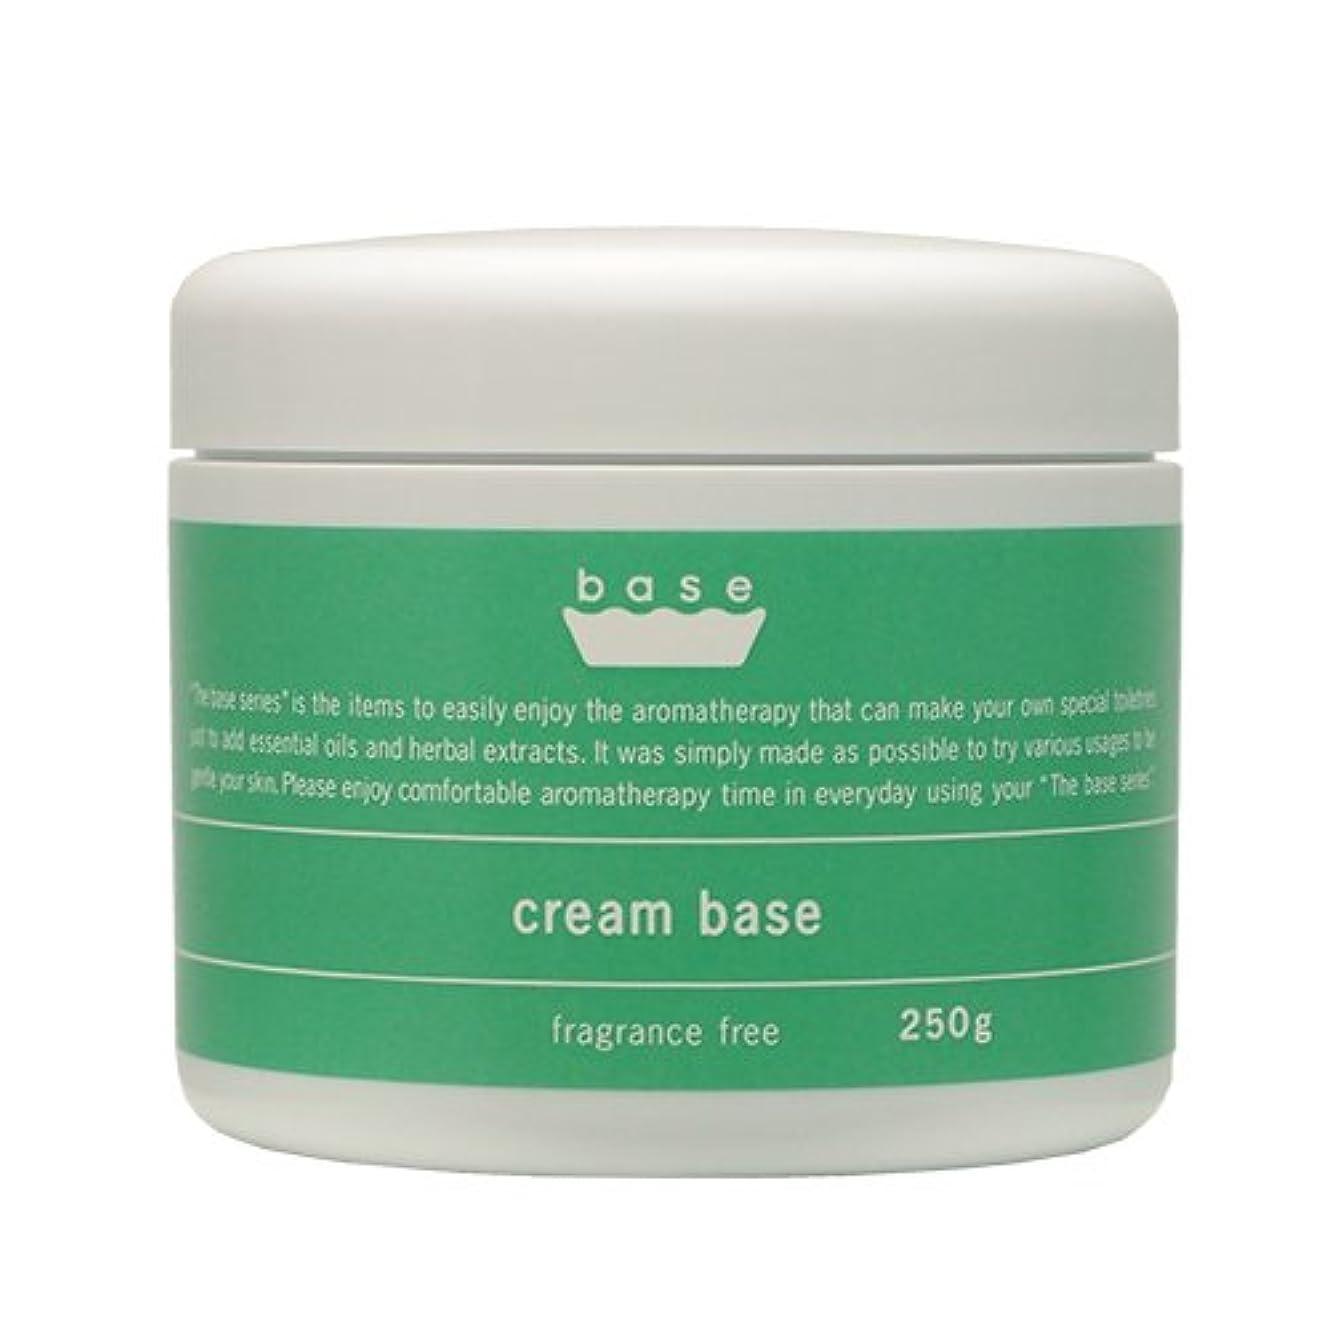 脱臼するスパイヒロインbase creambase(クリームベース)250g